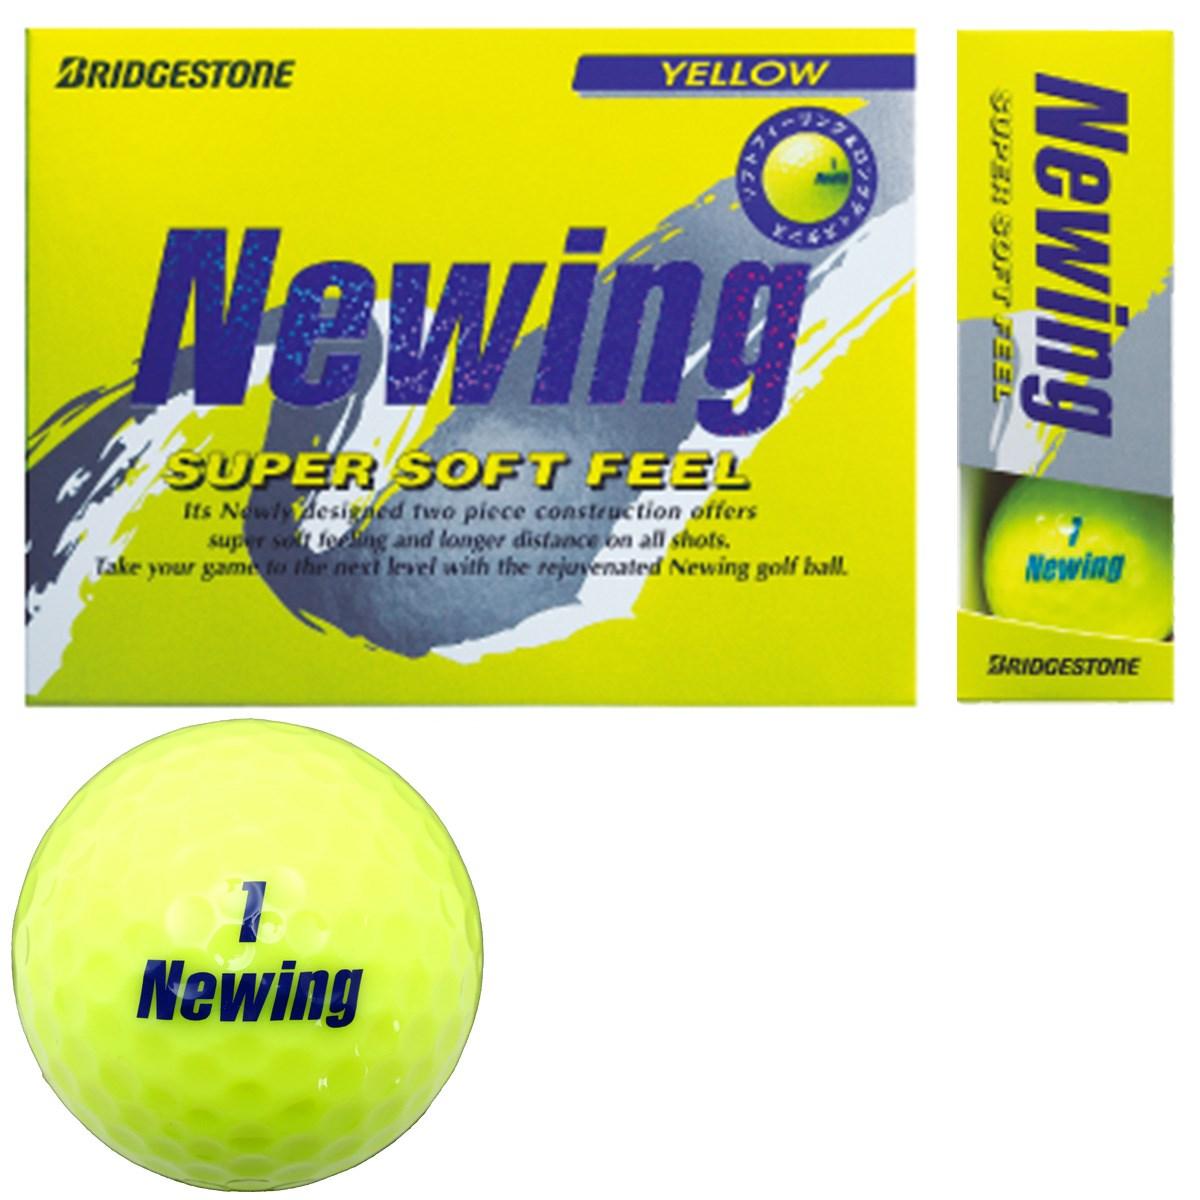 ブリヂストン NEWING ニューイング SUPER SOFT FEEL ボール 1ダース(12個入り) イエロー